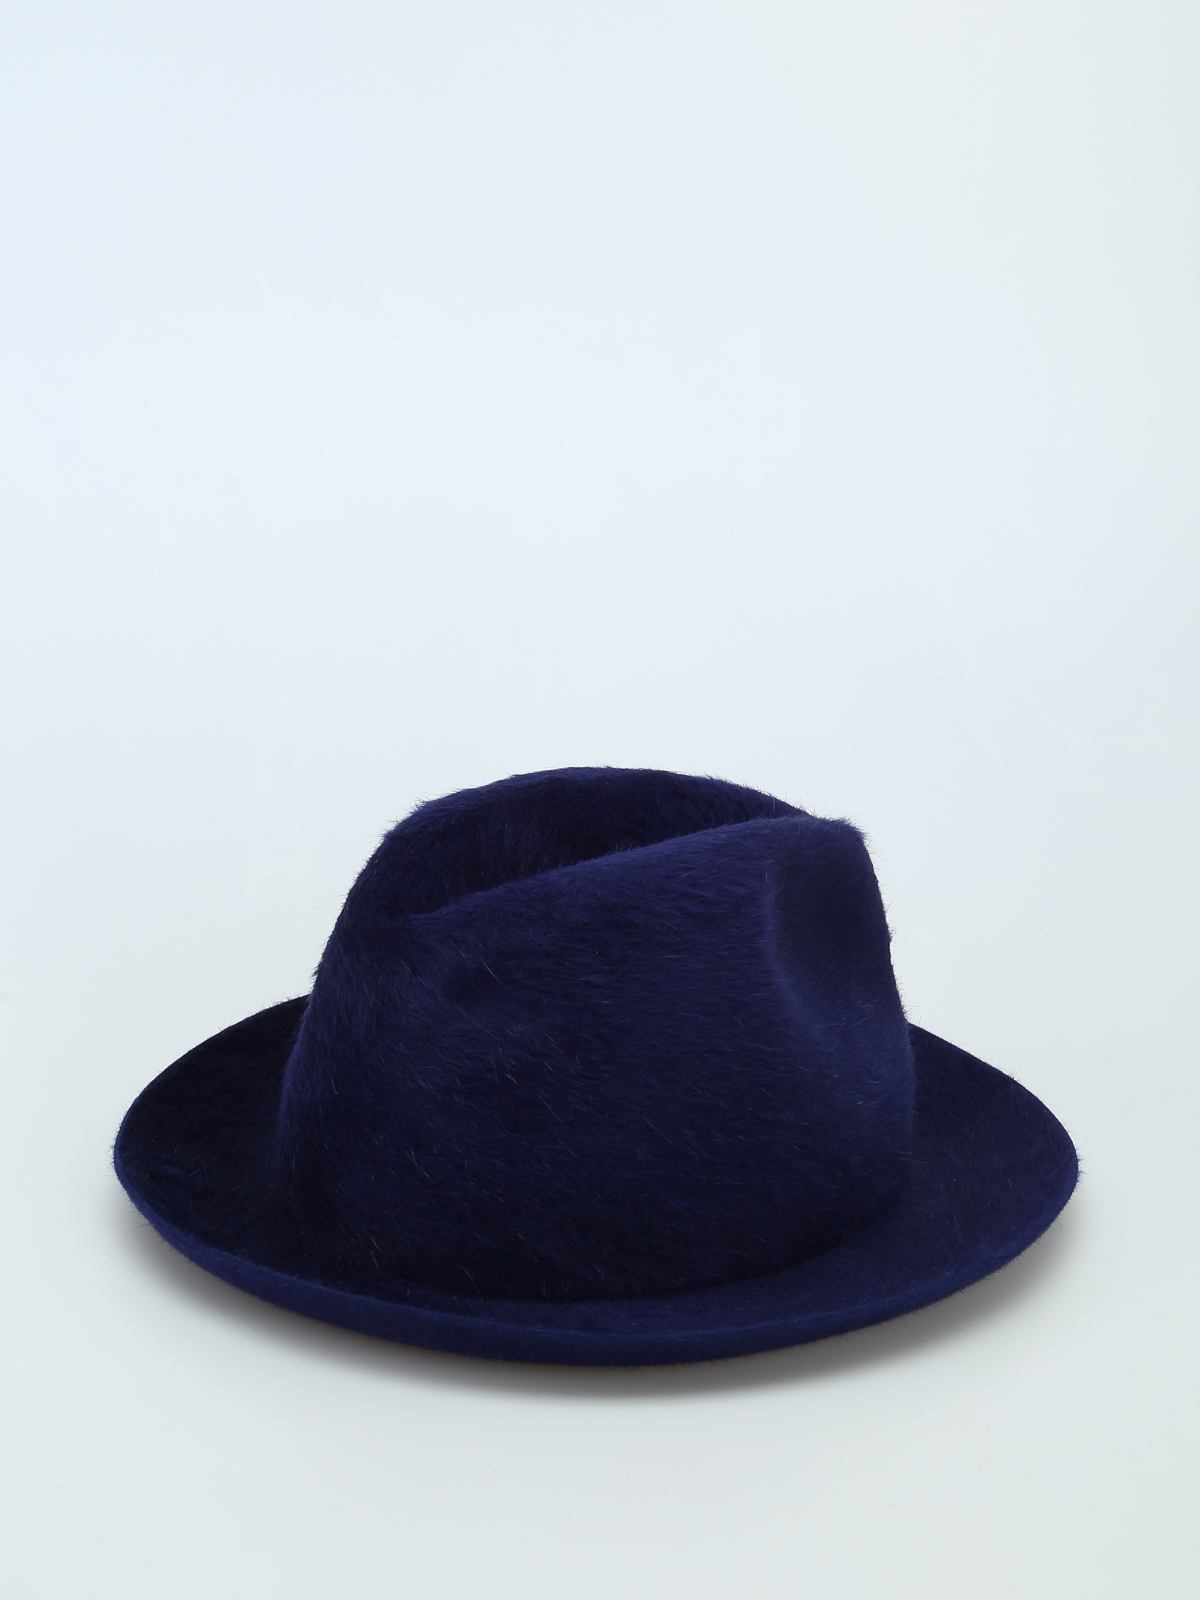 Borsalino - Cappello Melousine in feltro blu - cappelli - 1602512640 f3a3315cf177